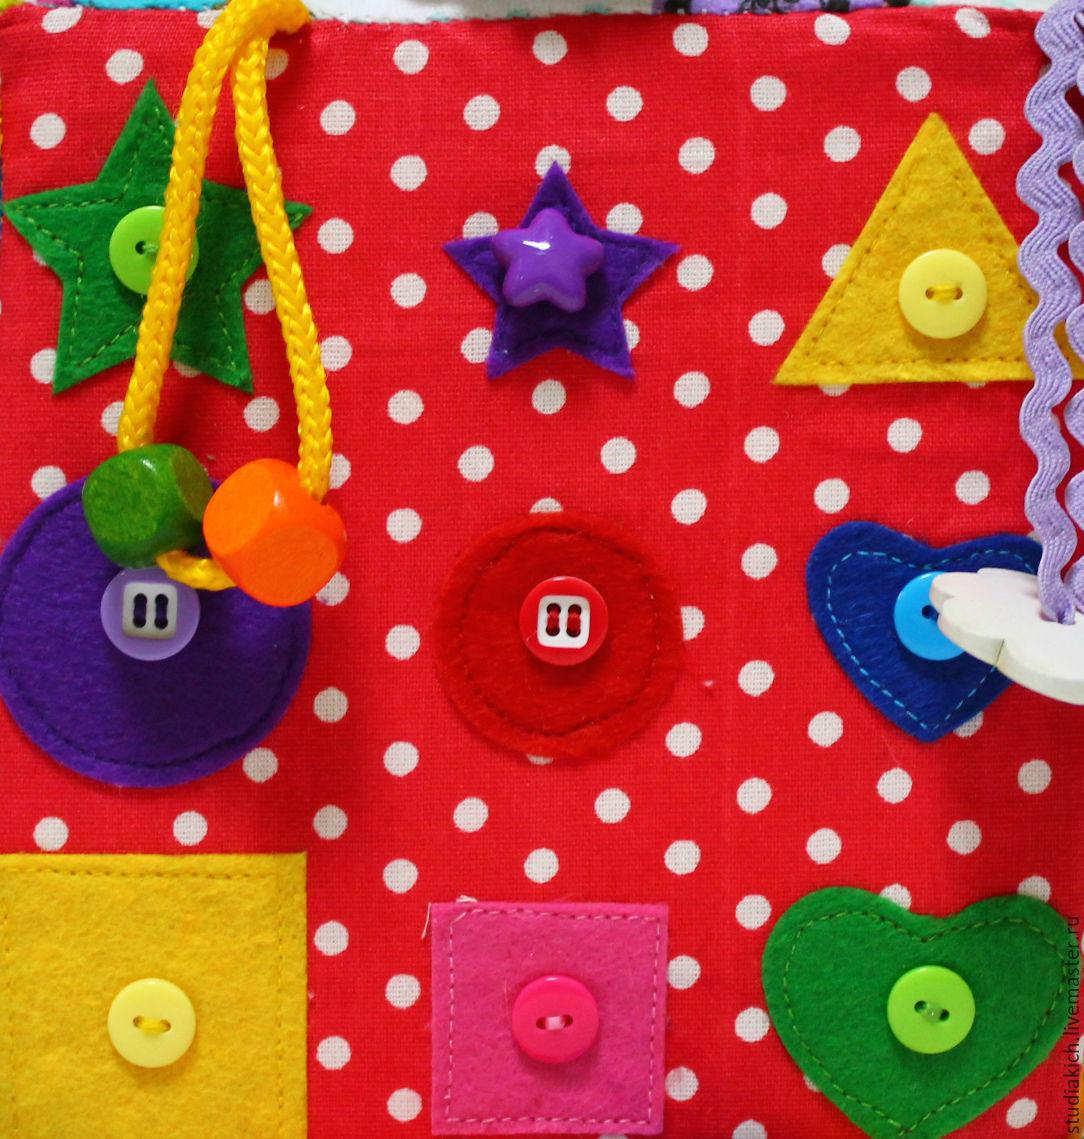 Доска с замочками, или «пульт управления» для ребенка своими 2